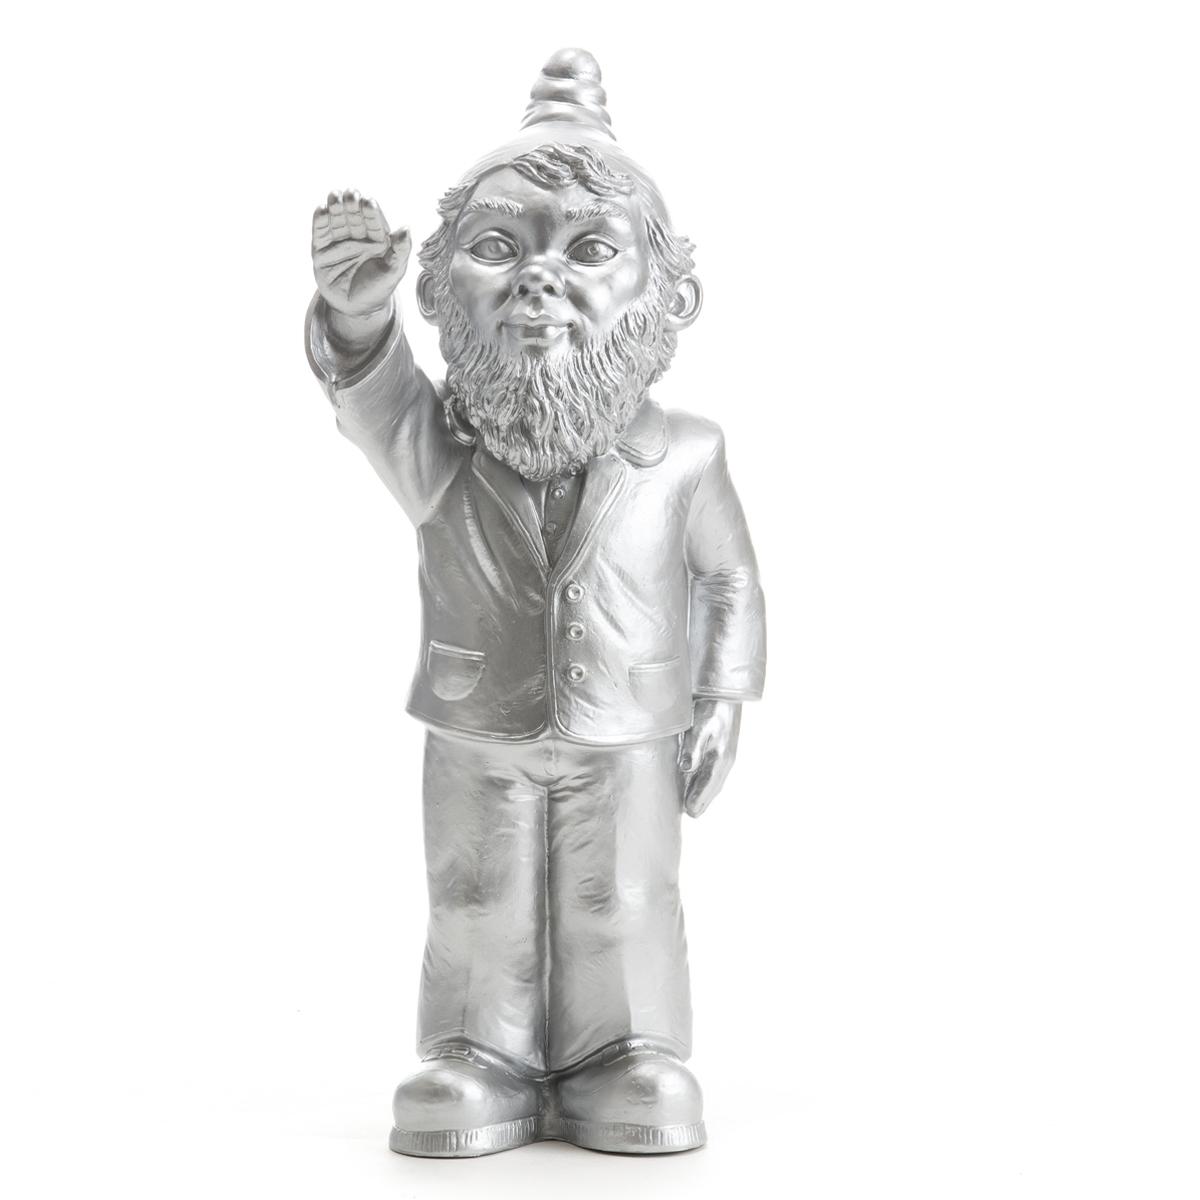 Statuette, Le Nain Empoisonne, De Ottmar Hörl Silver encequiconcerne Nain De Jardin Fuck